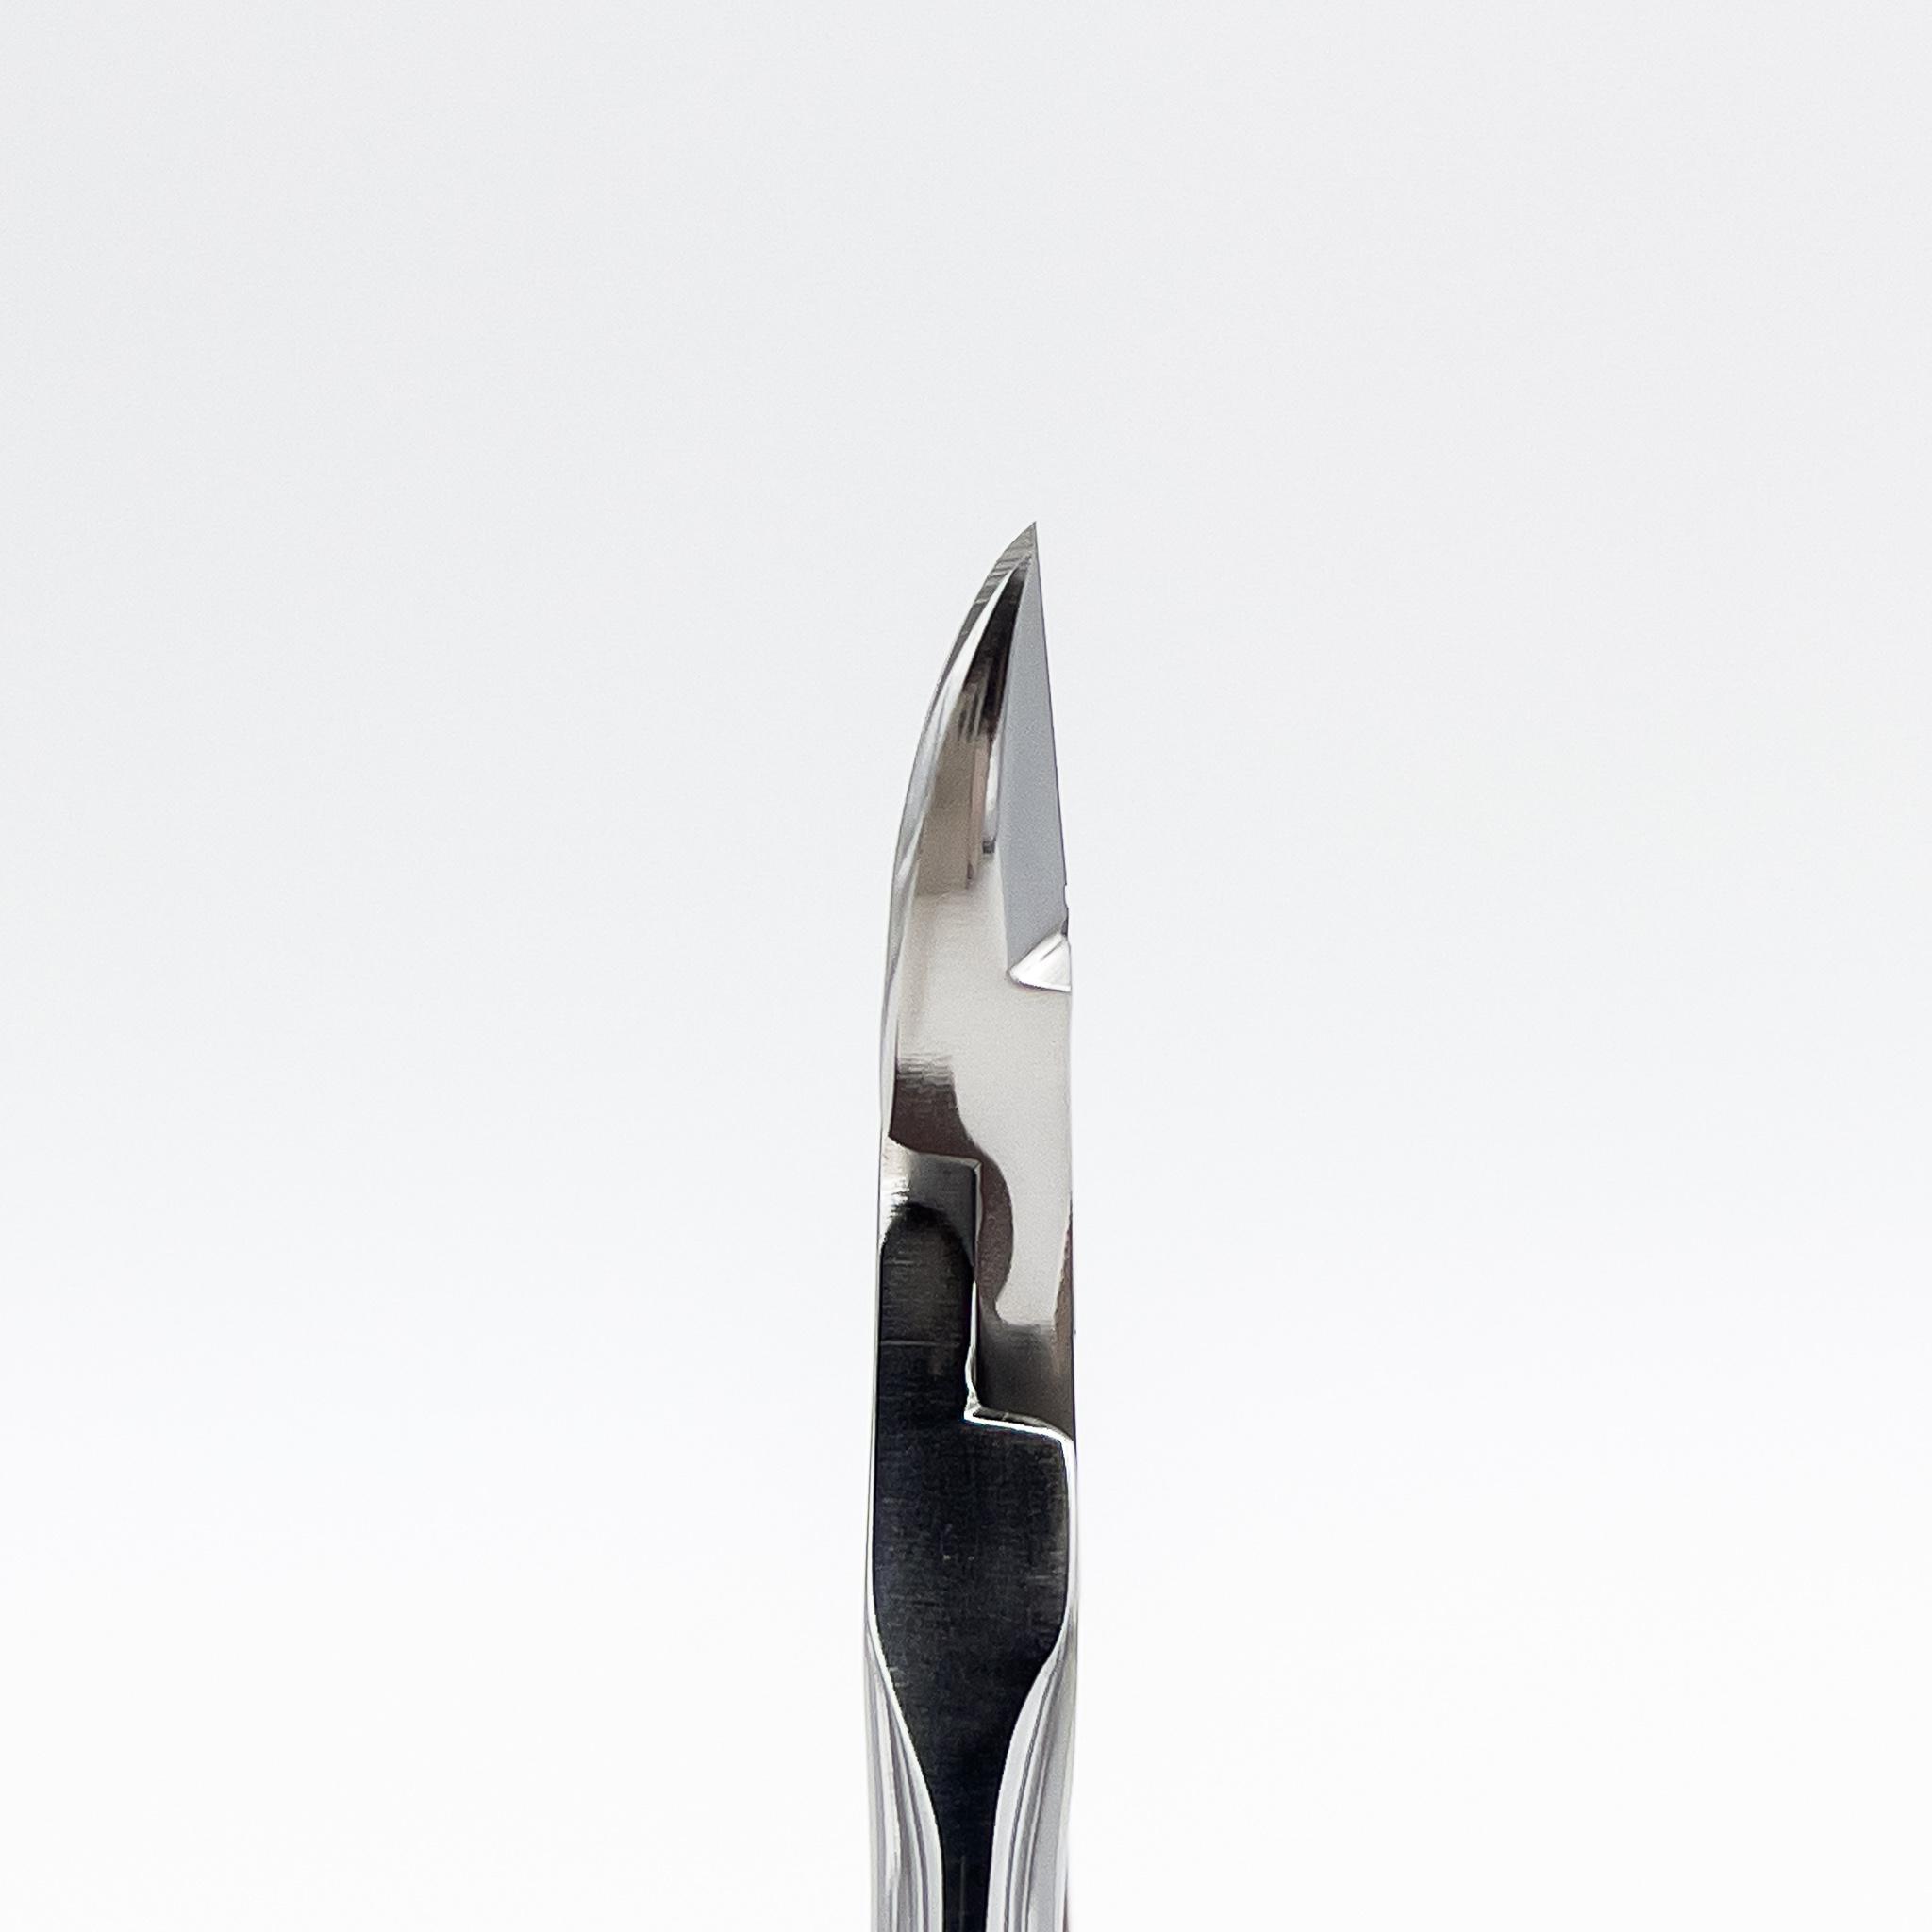 STALENA Nageltang recht, medium met ergonomische handgreep K-17 (N7-60-17)